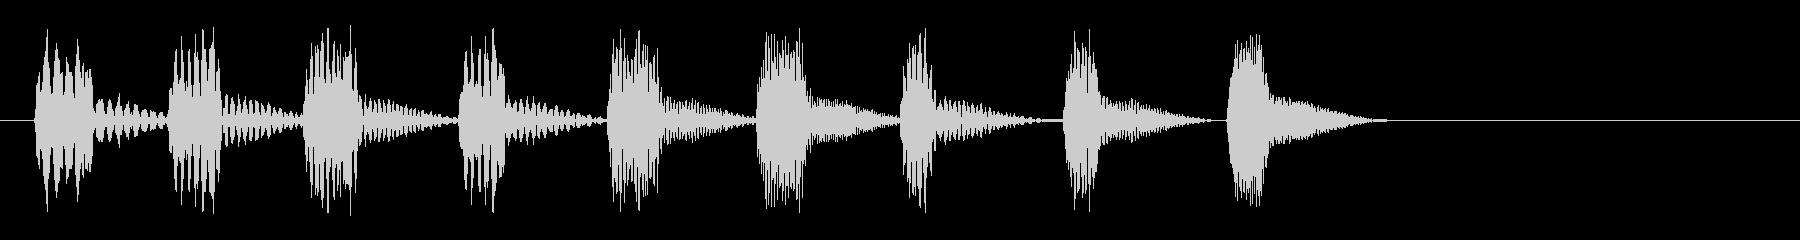 上昇_アップ_200702の未再生の波形